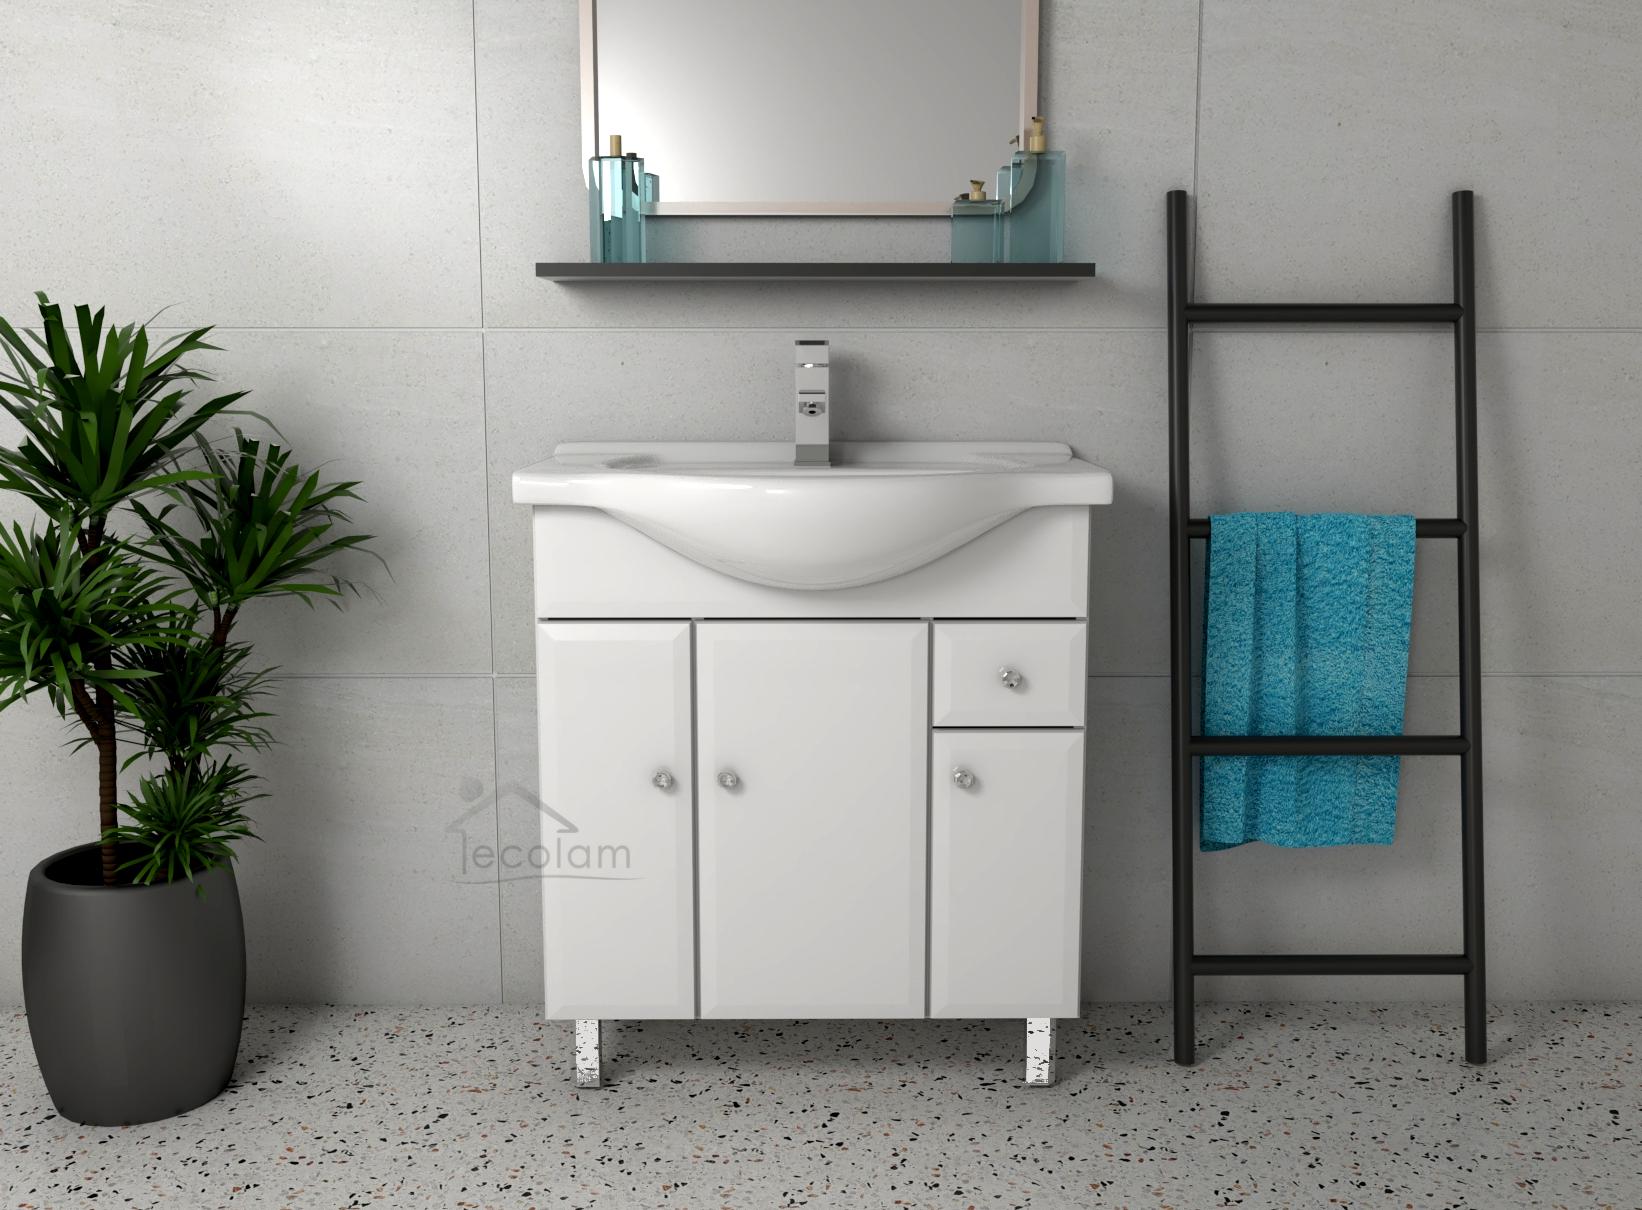 badm bel waschbecken 75 85 cm unterschrank t ren schublade soft close wei dal ebay. Black Bedroom Furniture Sets. Home Design Ideas